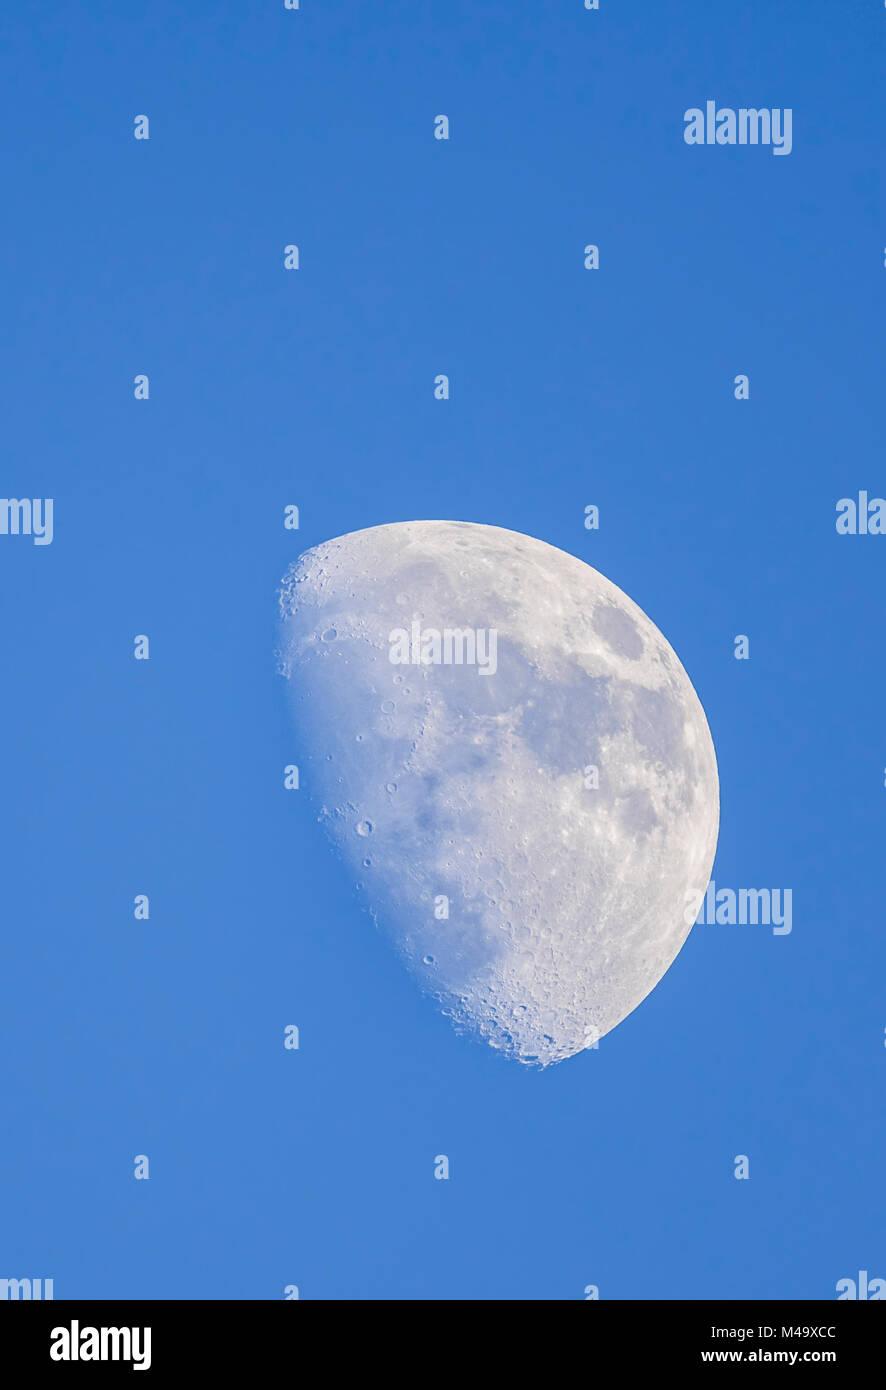 La lune dans la journée à la phase Gibbeuse contre le ciel bleu en hiver, à partir du Royaume-Uni. Photo Stock